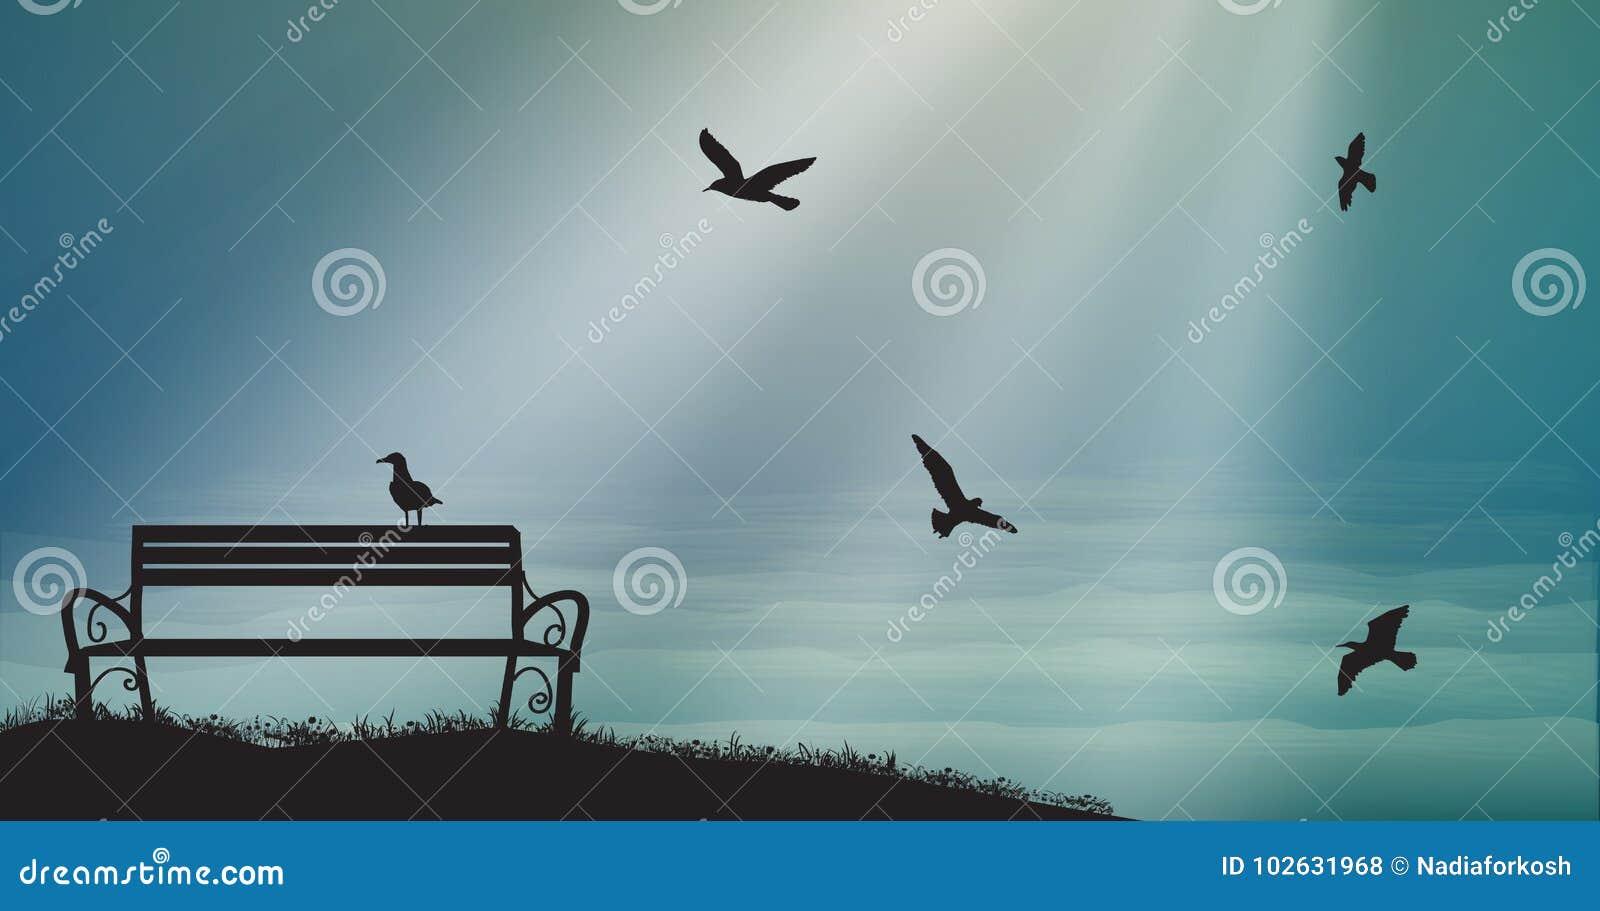 Pusta ławka z seagulls i słońce promieniami, cienie, wspominki, denni słodcy sen,